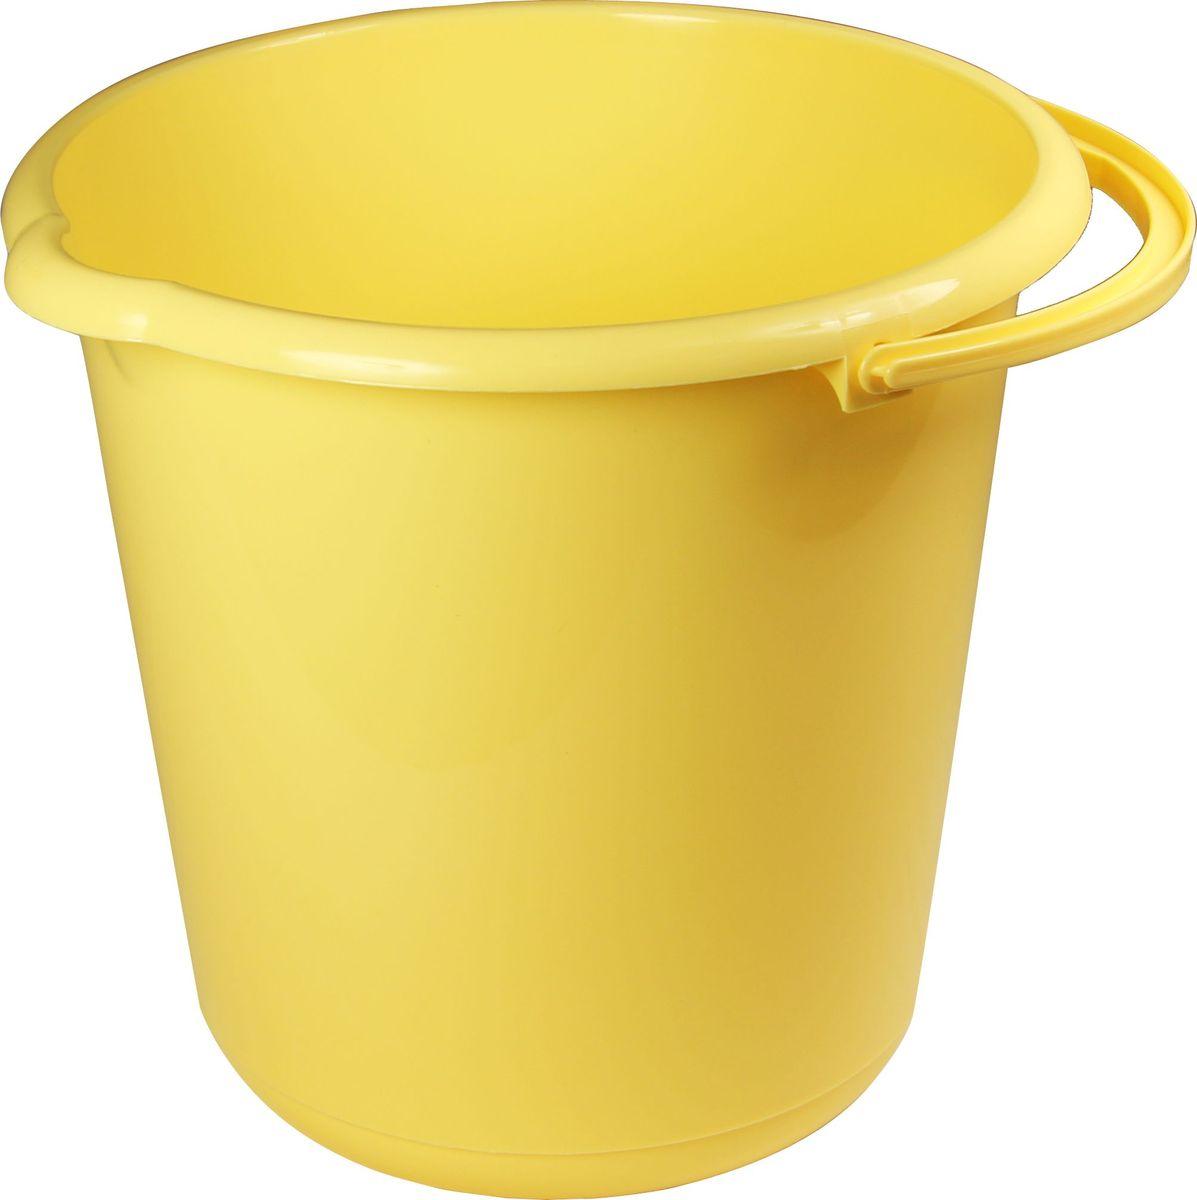 Ведро хозяйственное Idea, цвет: банановый, 3 л. М 2428М 2428_банановый